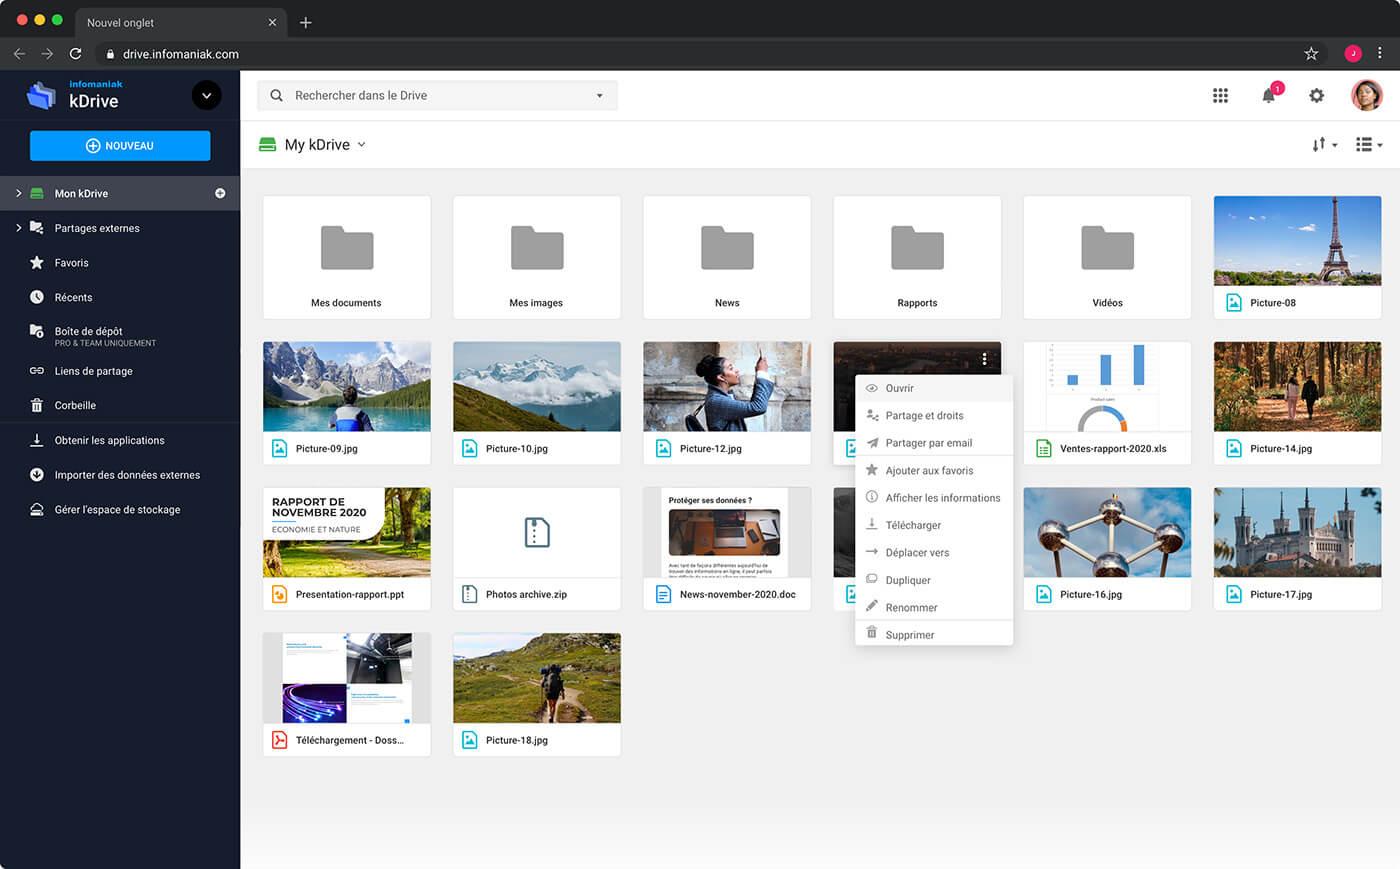 Διαδικτυακή διασύνδεση KDrive